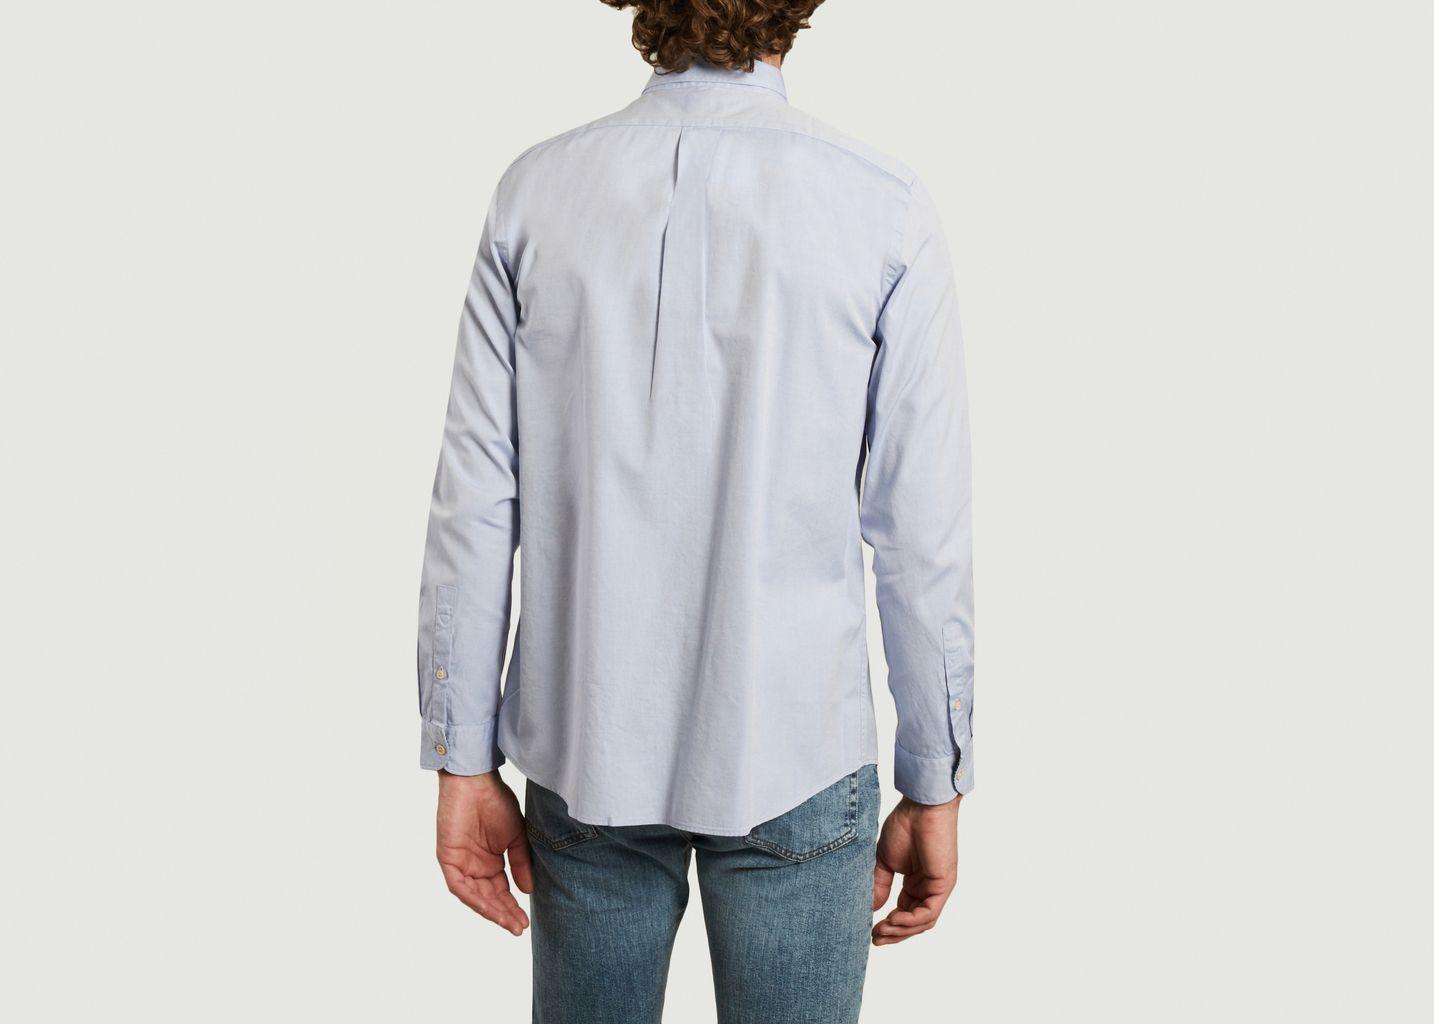 Chemise en coton biologique avec poche contrastée  - PS by PAUL SMITH